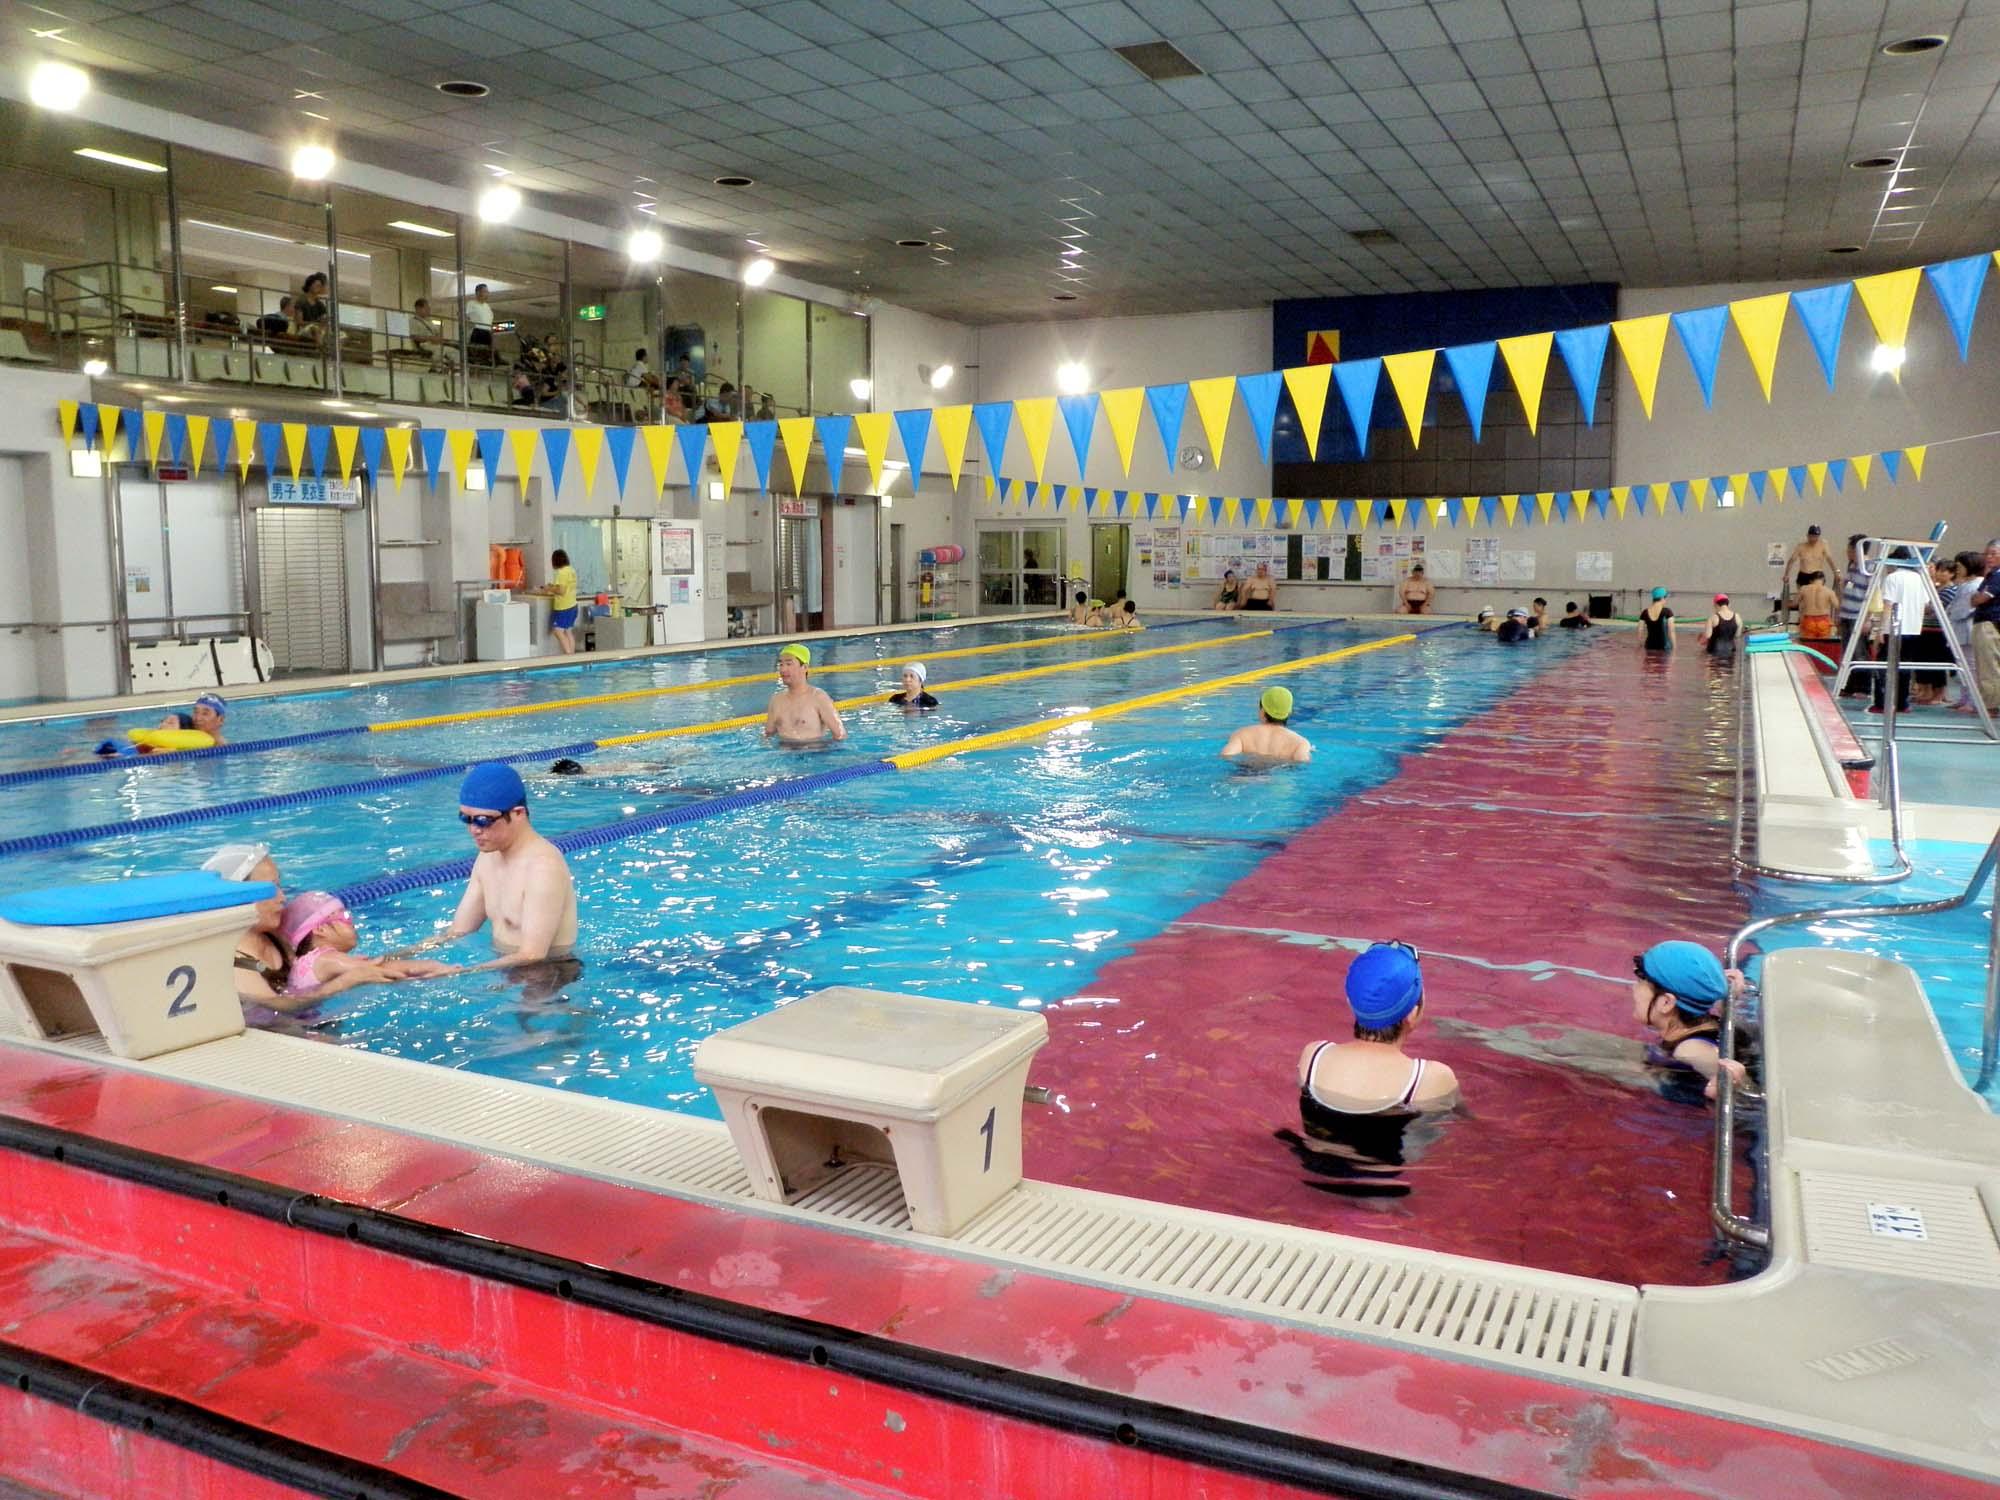 P7180328 - 重度障害者のための水泳教室より ・・・参加が増えてまいりました。